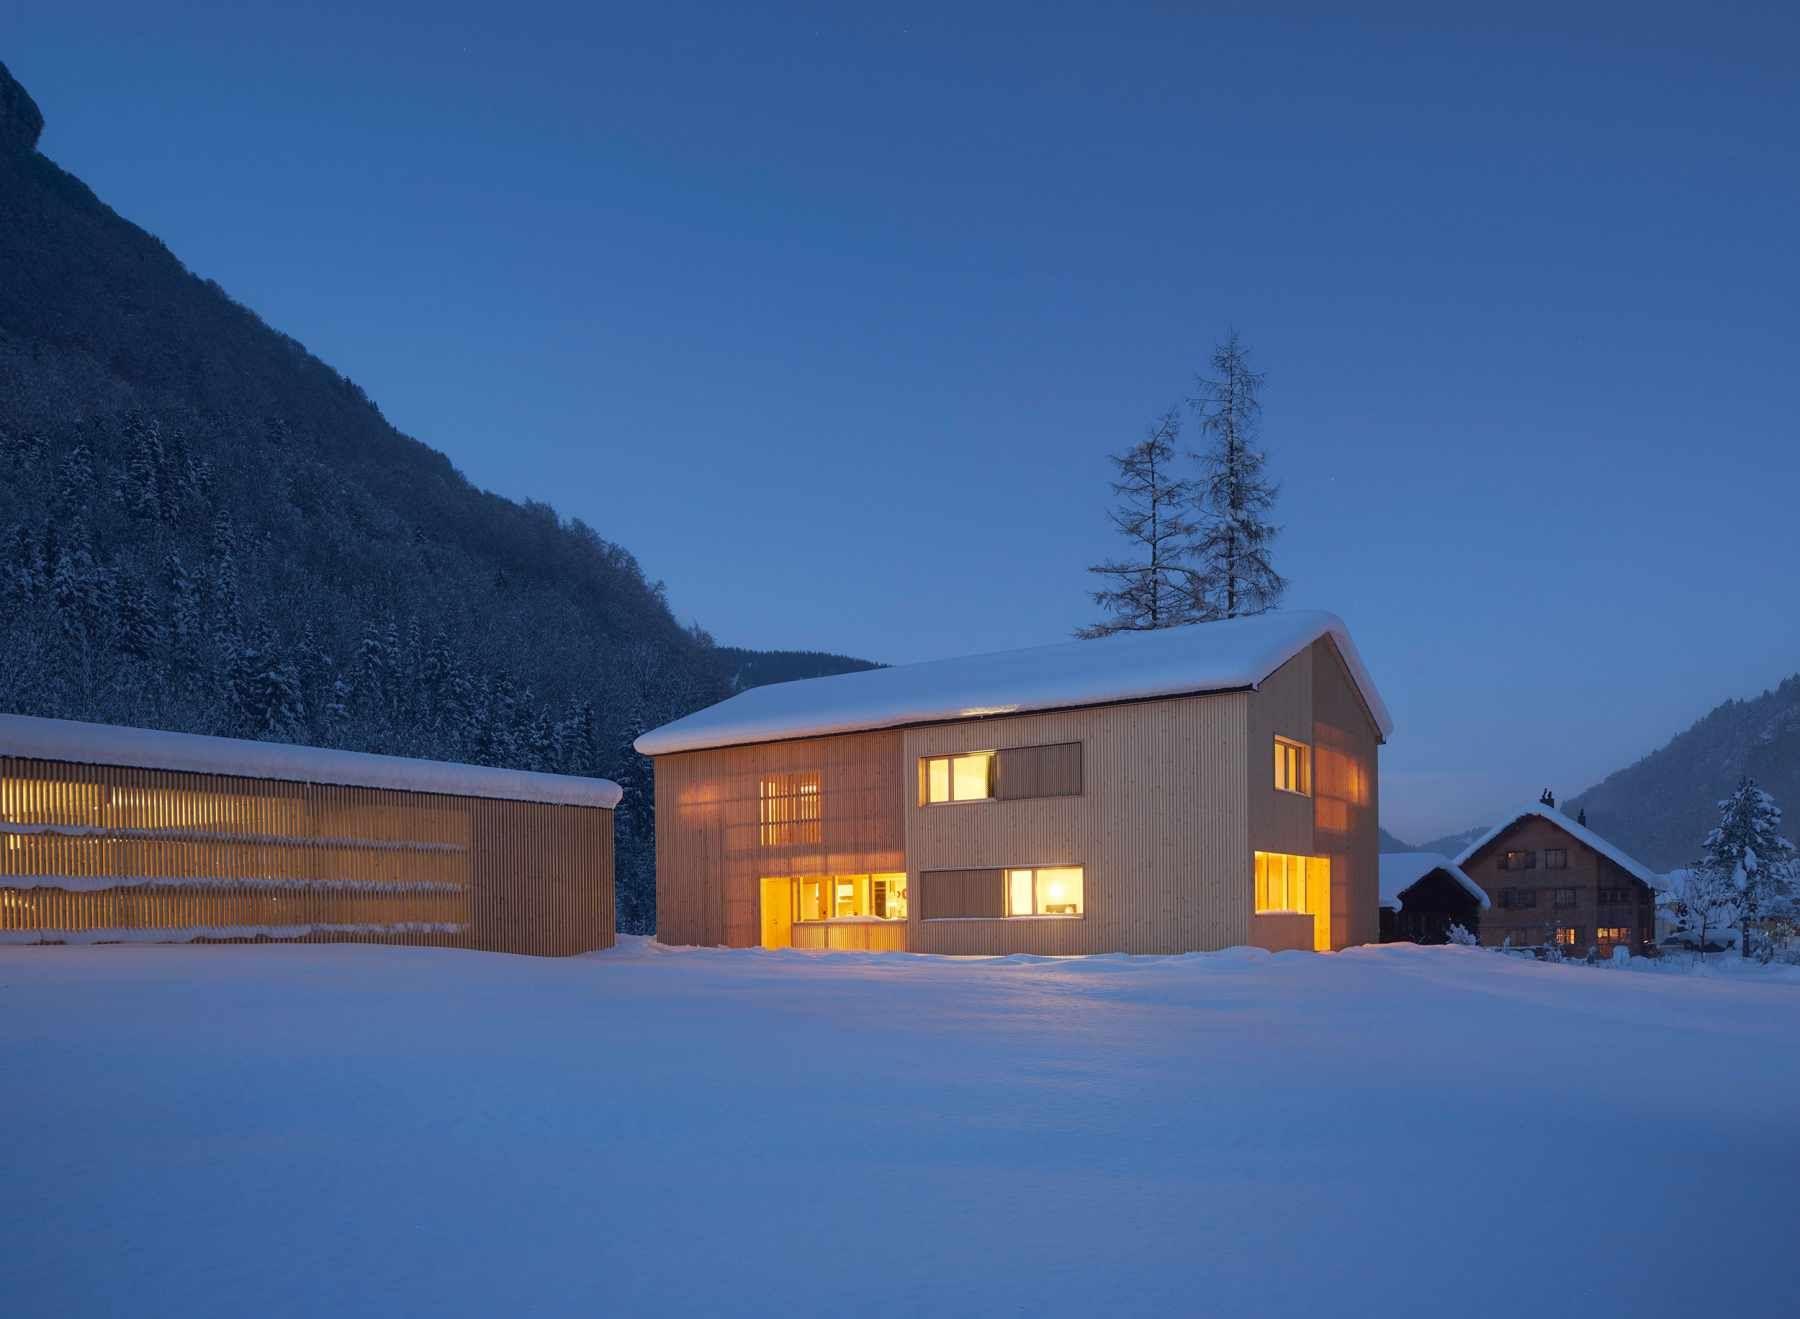 Bregenzerwald holzbau ferienhaus insel zeit urlaub architektur johannes johannes